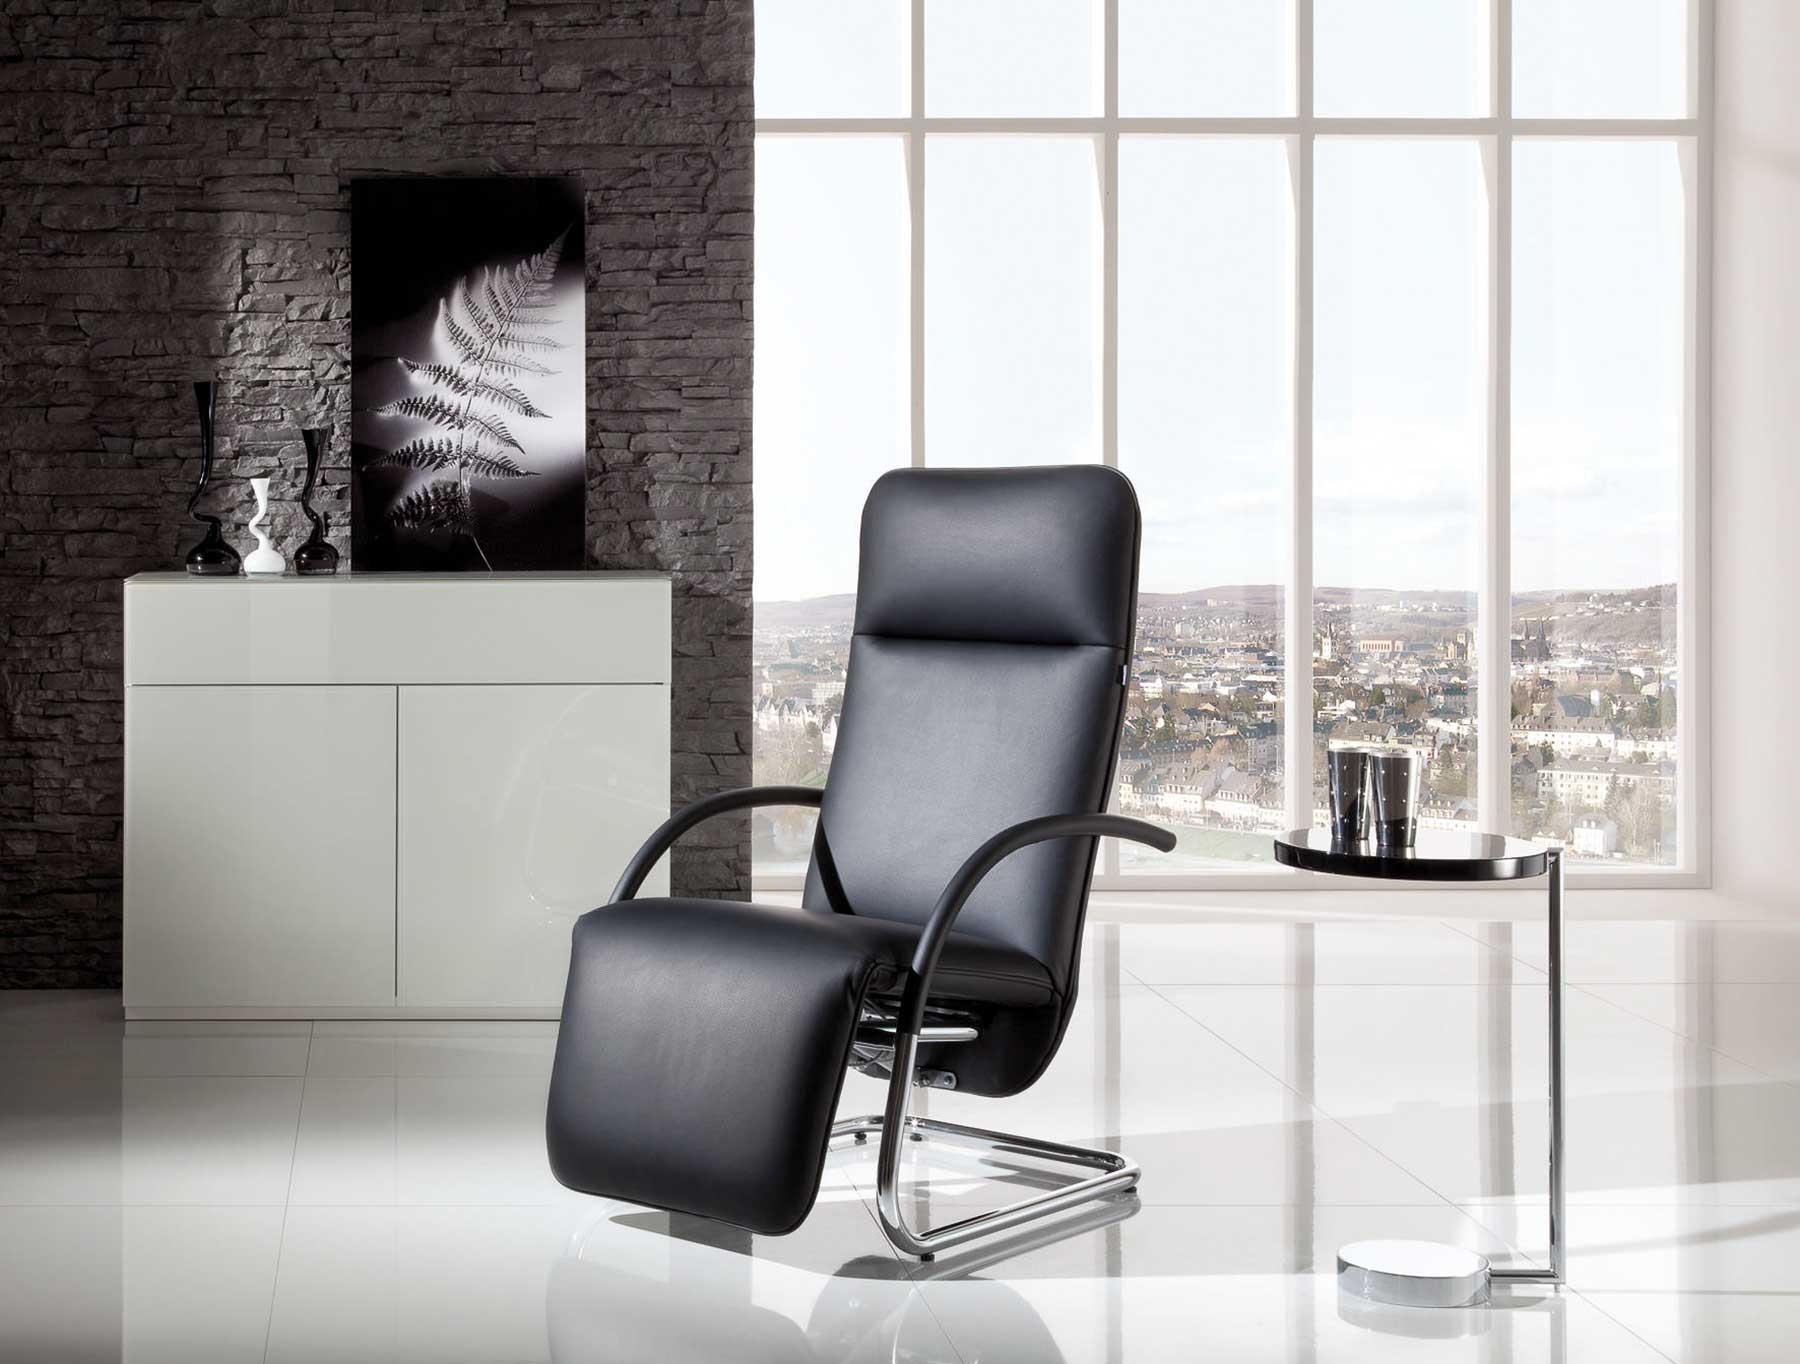 29 fino sessel neue vt milieu 01 verwandelbare2011 rundrohr franz fertig m bel kindler ag. Black Bedroom Furniture Sets. Home Design Ideas